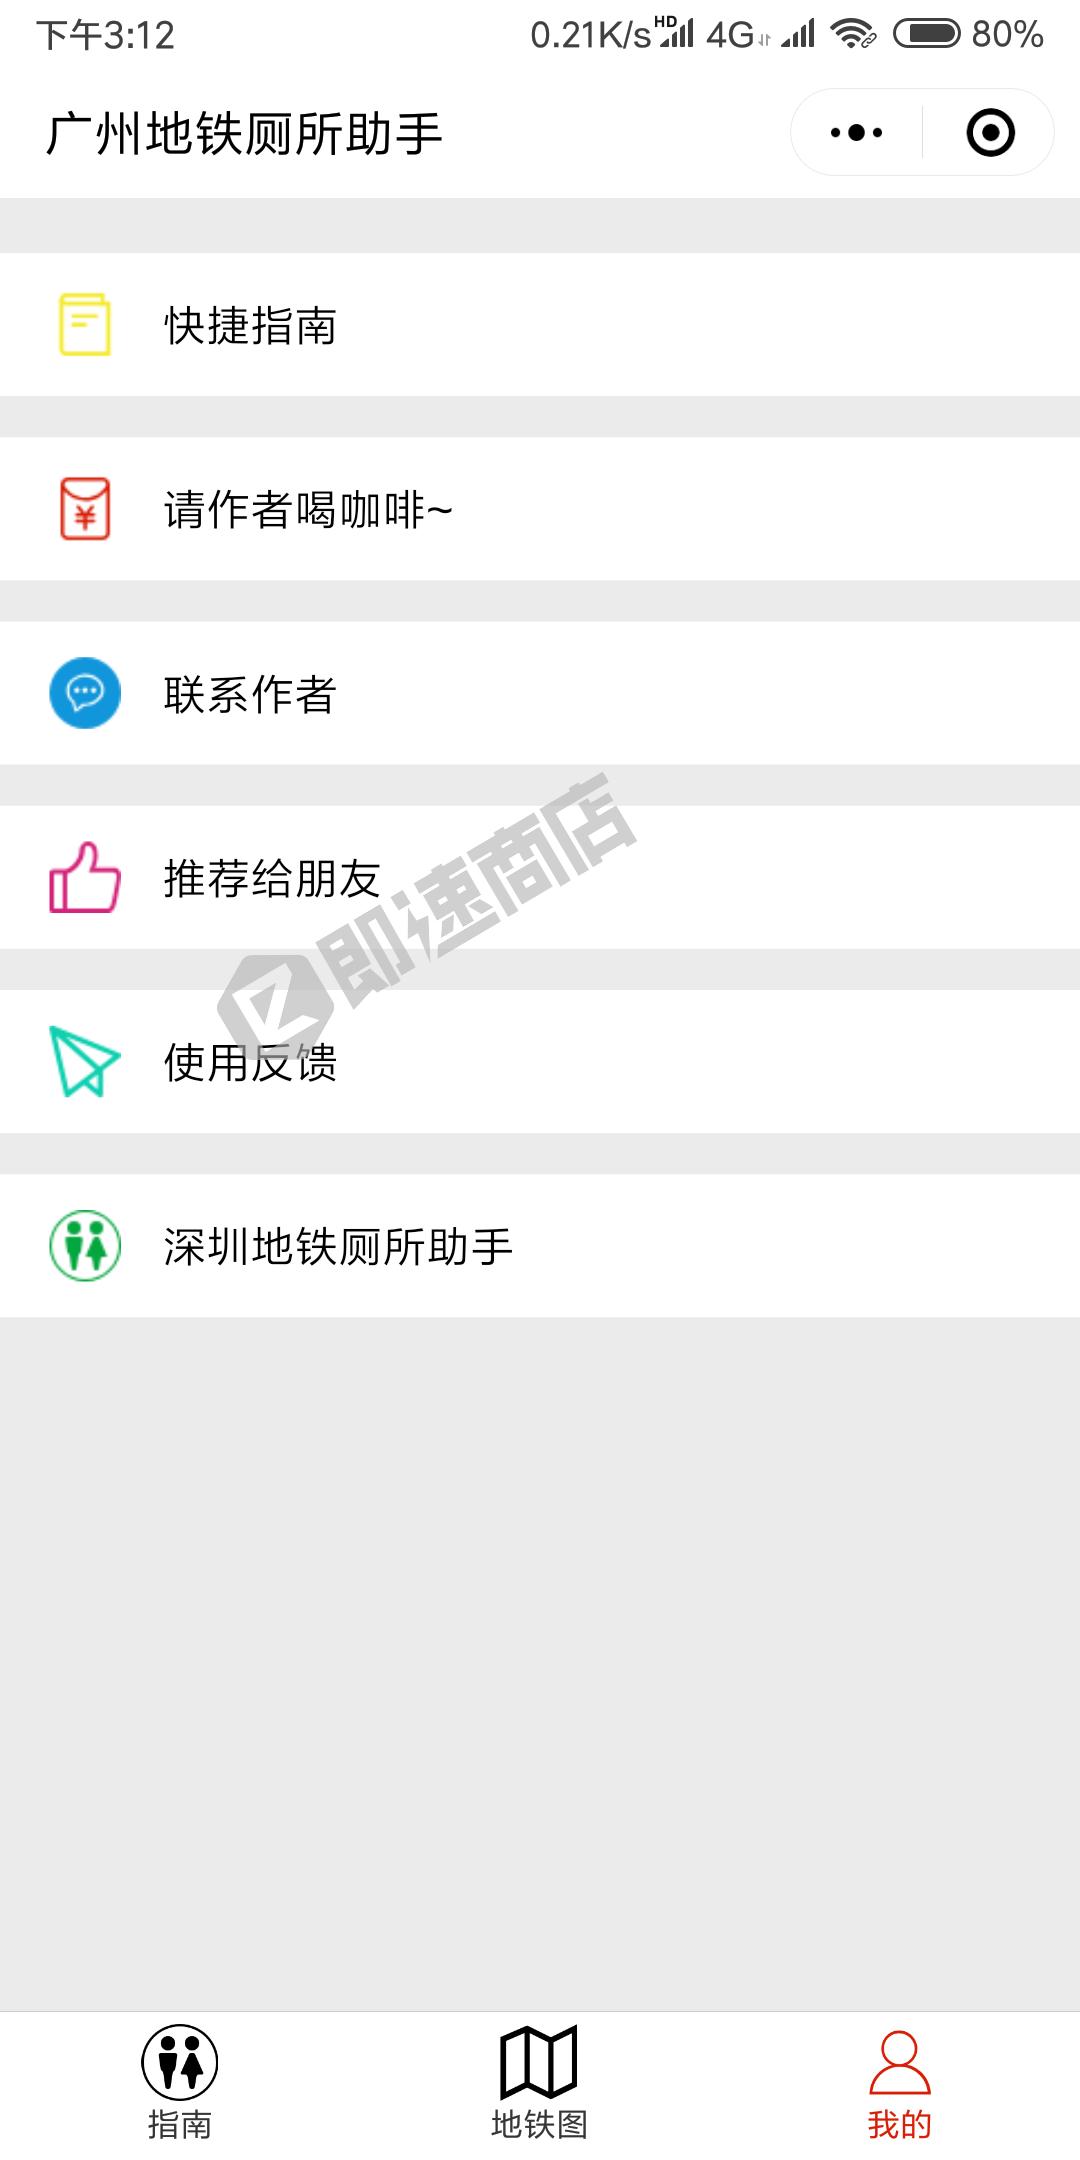 广州地铁厕所助手小程序列表页截图